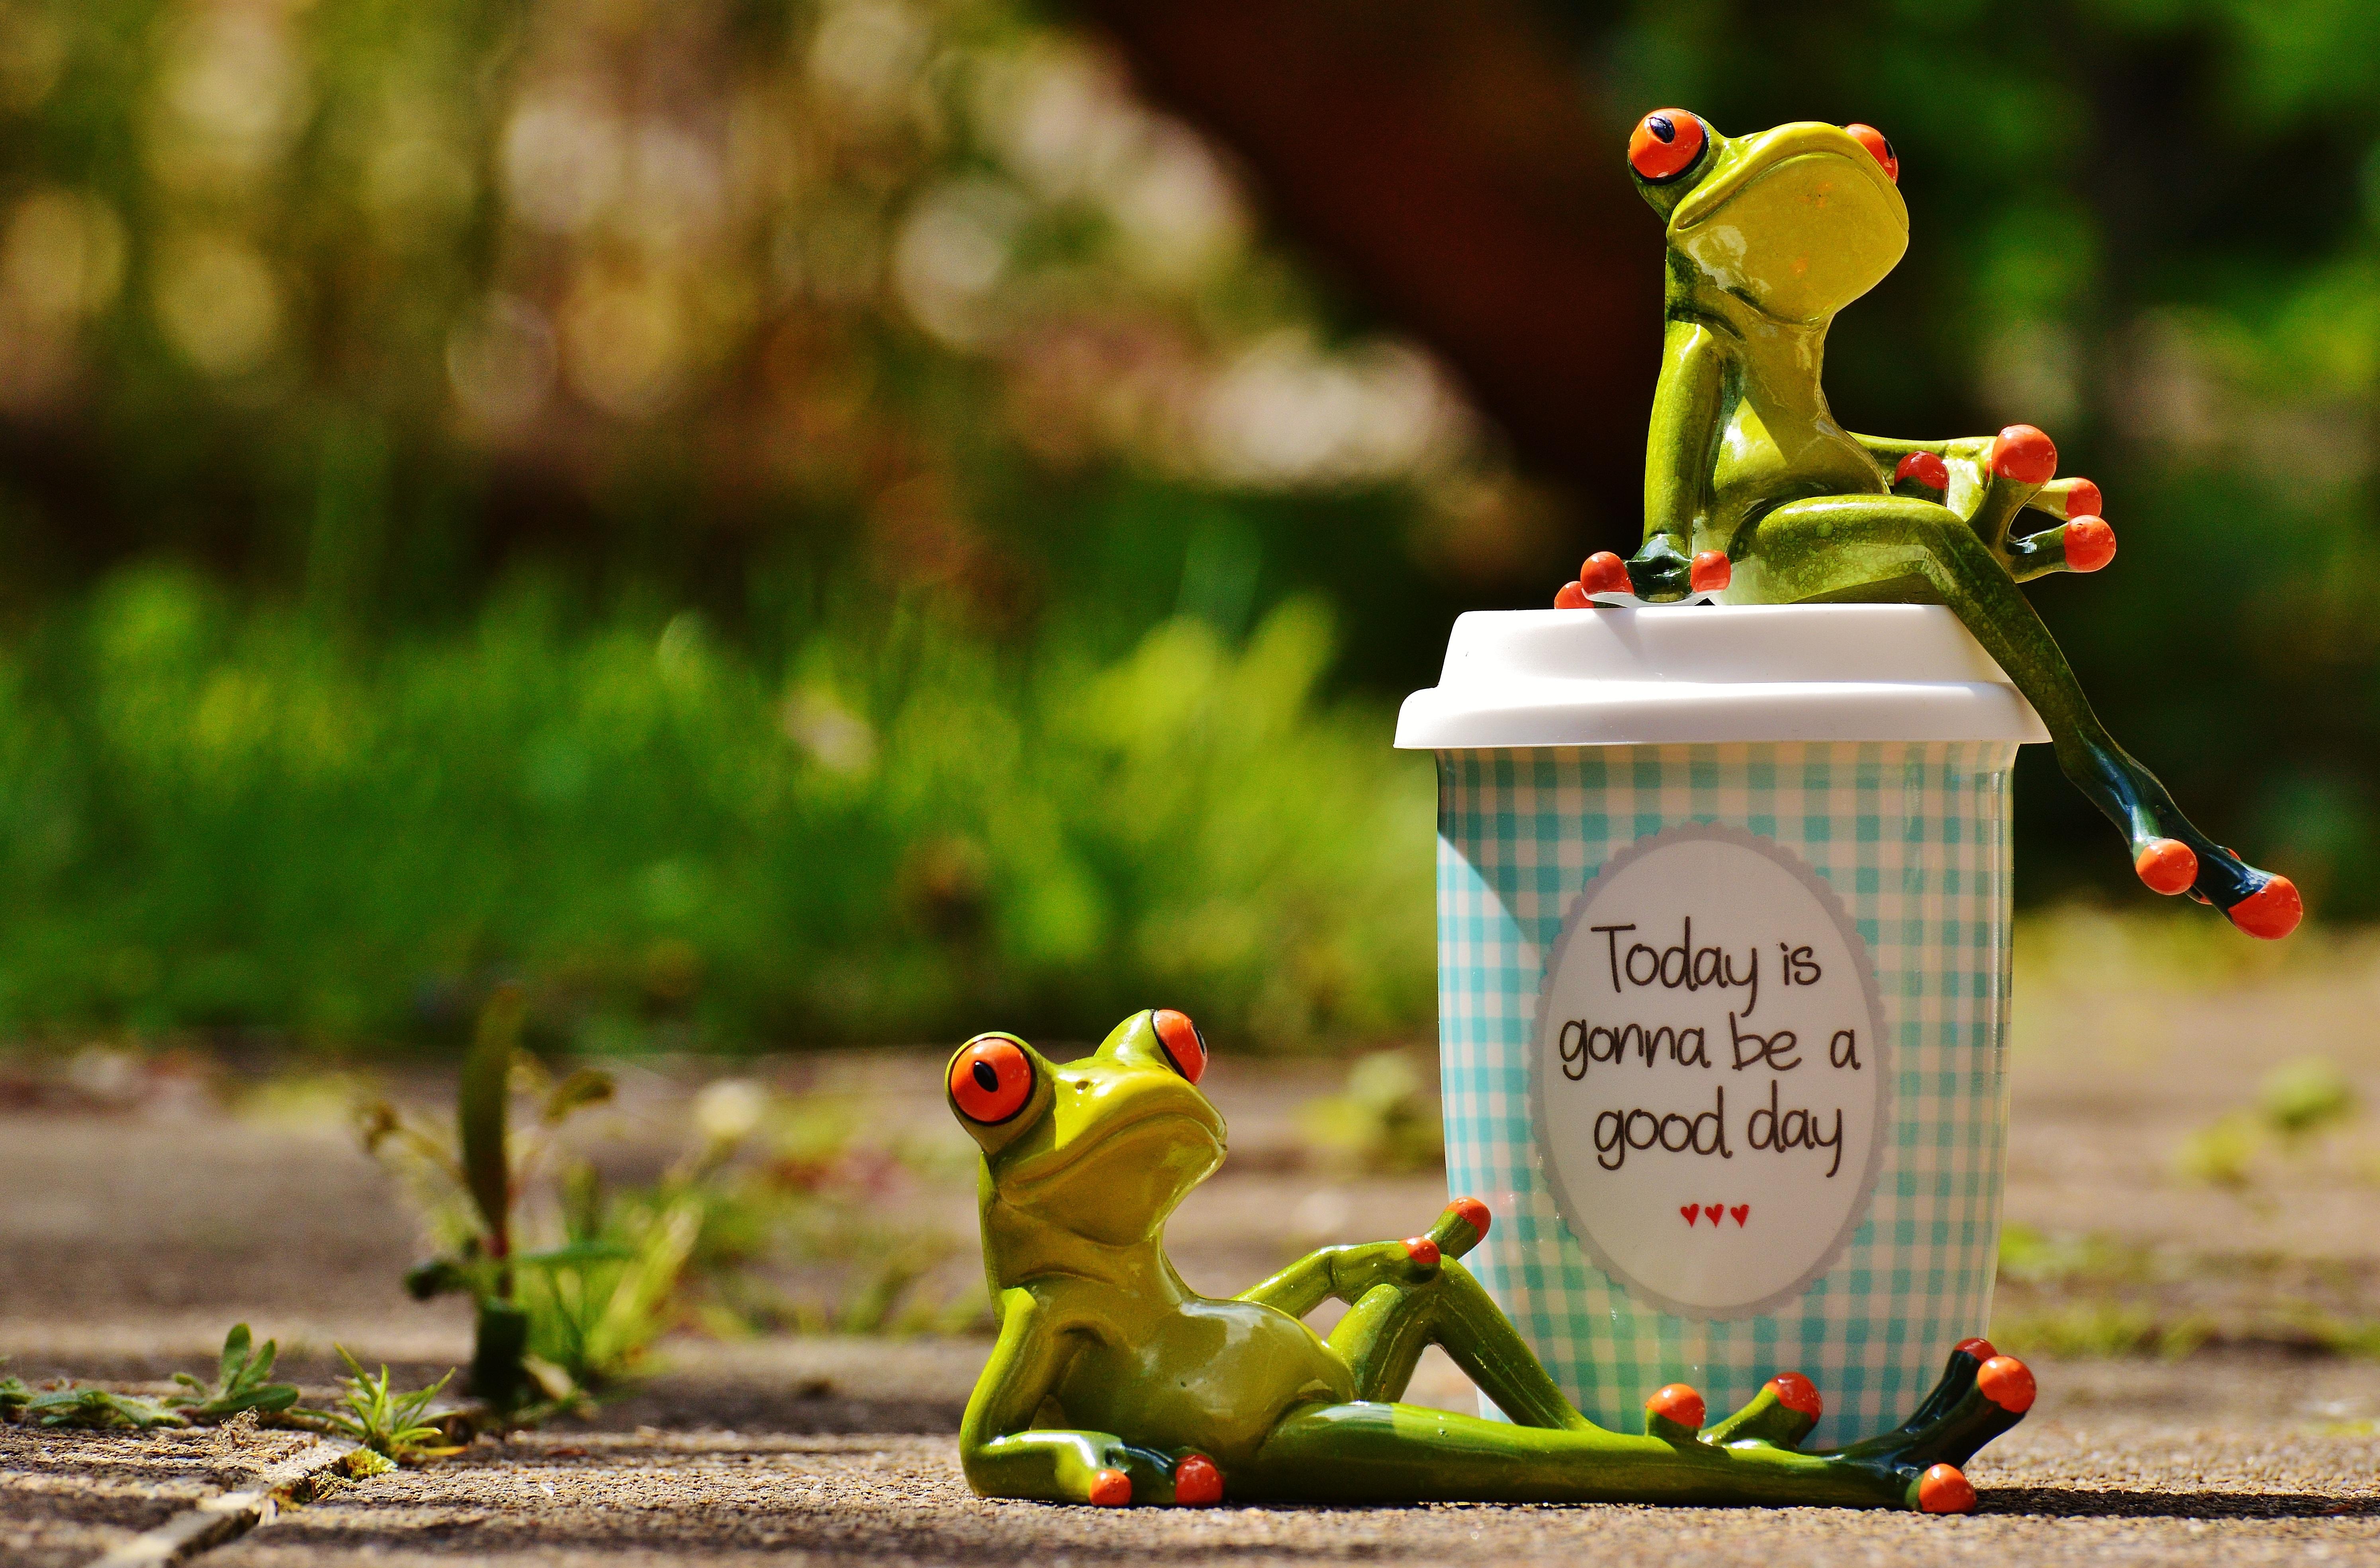 жизнь, лягушка в кофе картинки истринского р-н улицами